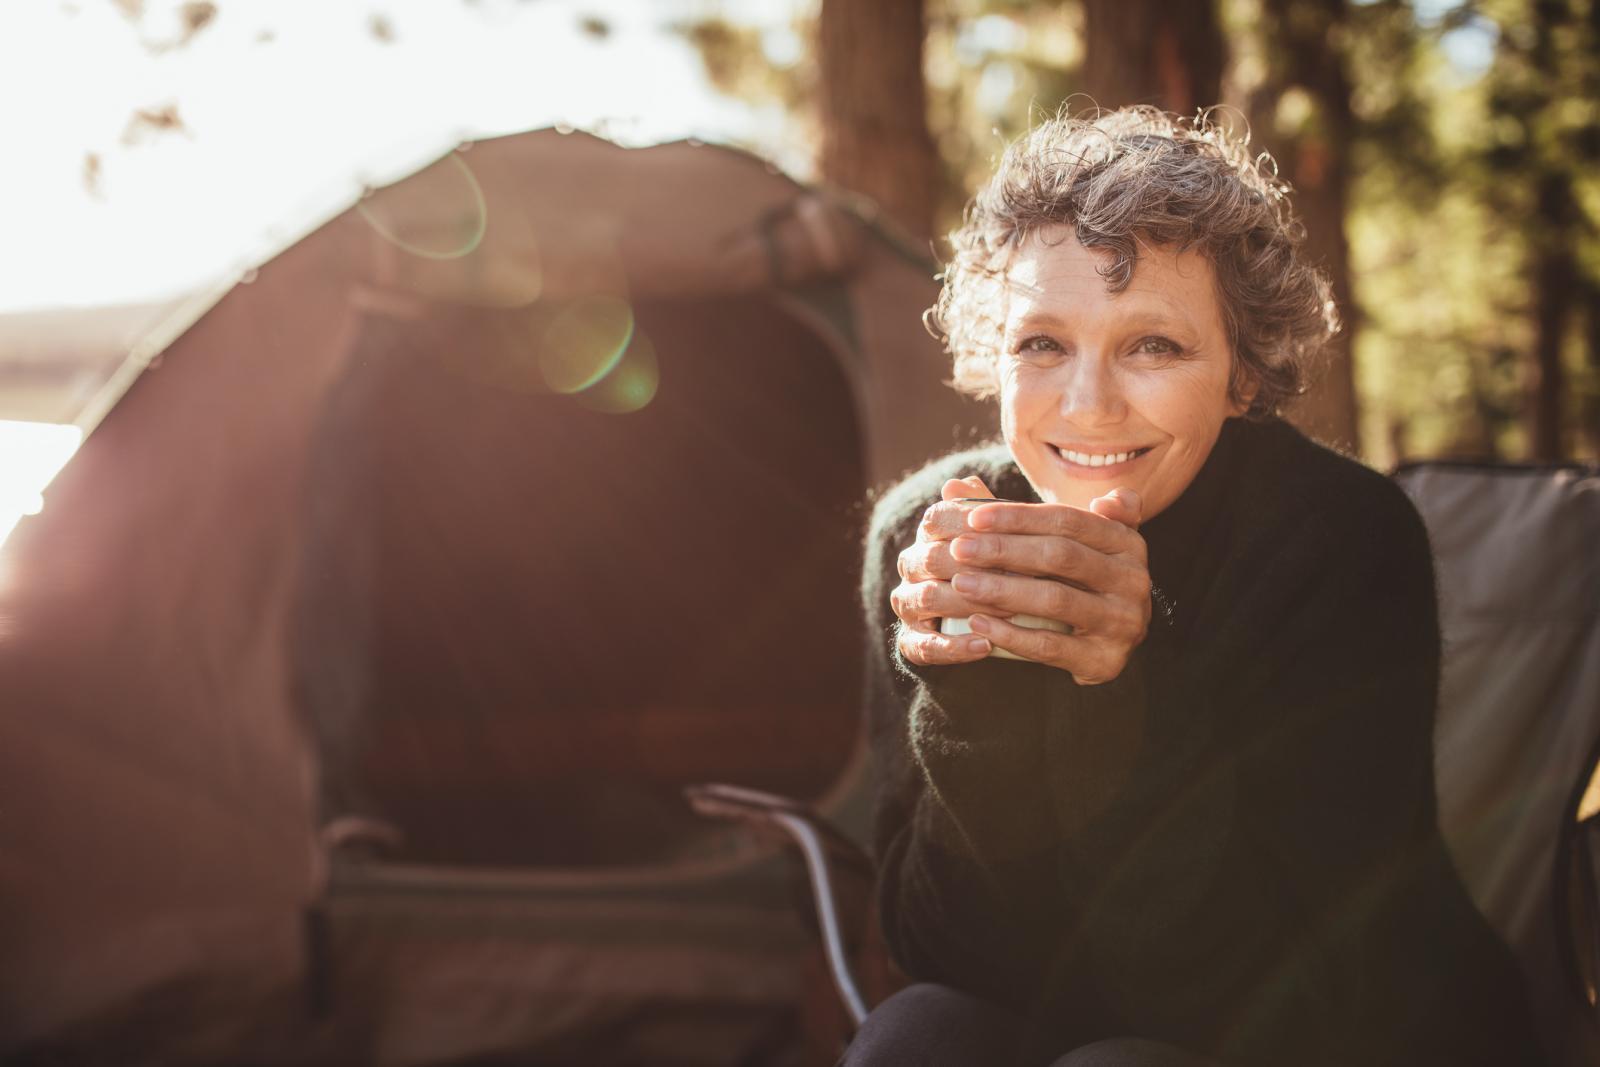 Ulazak u pedesete, uz prirodne procese starenja, donosi i negativne efekte pogrešnih životnih odabira u ranijim godinama...